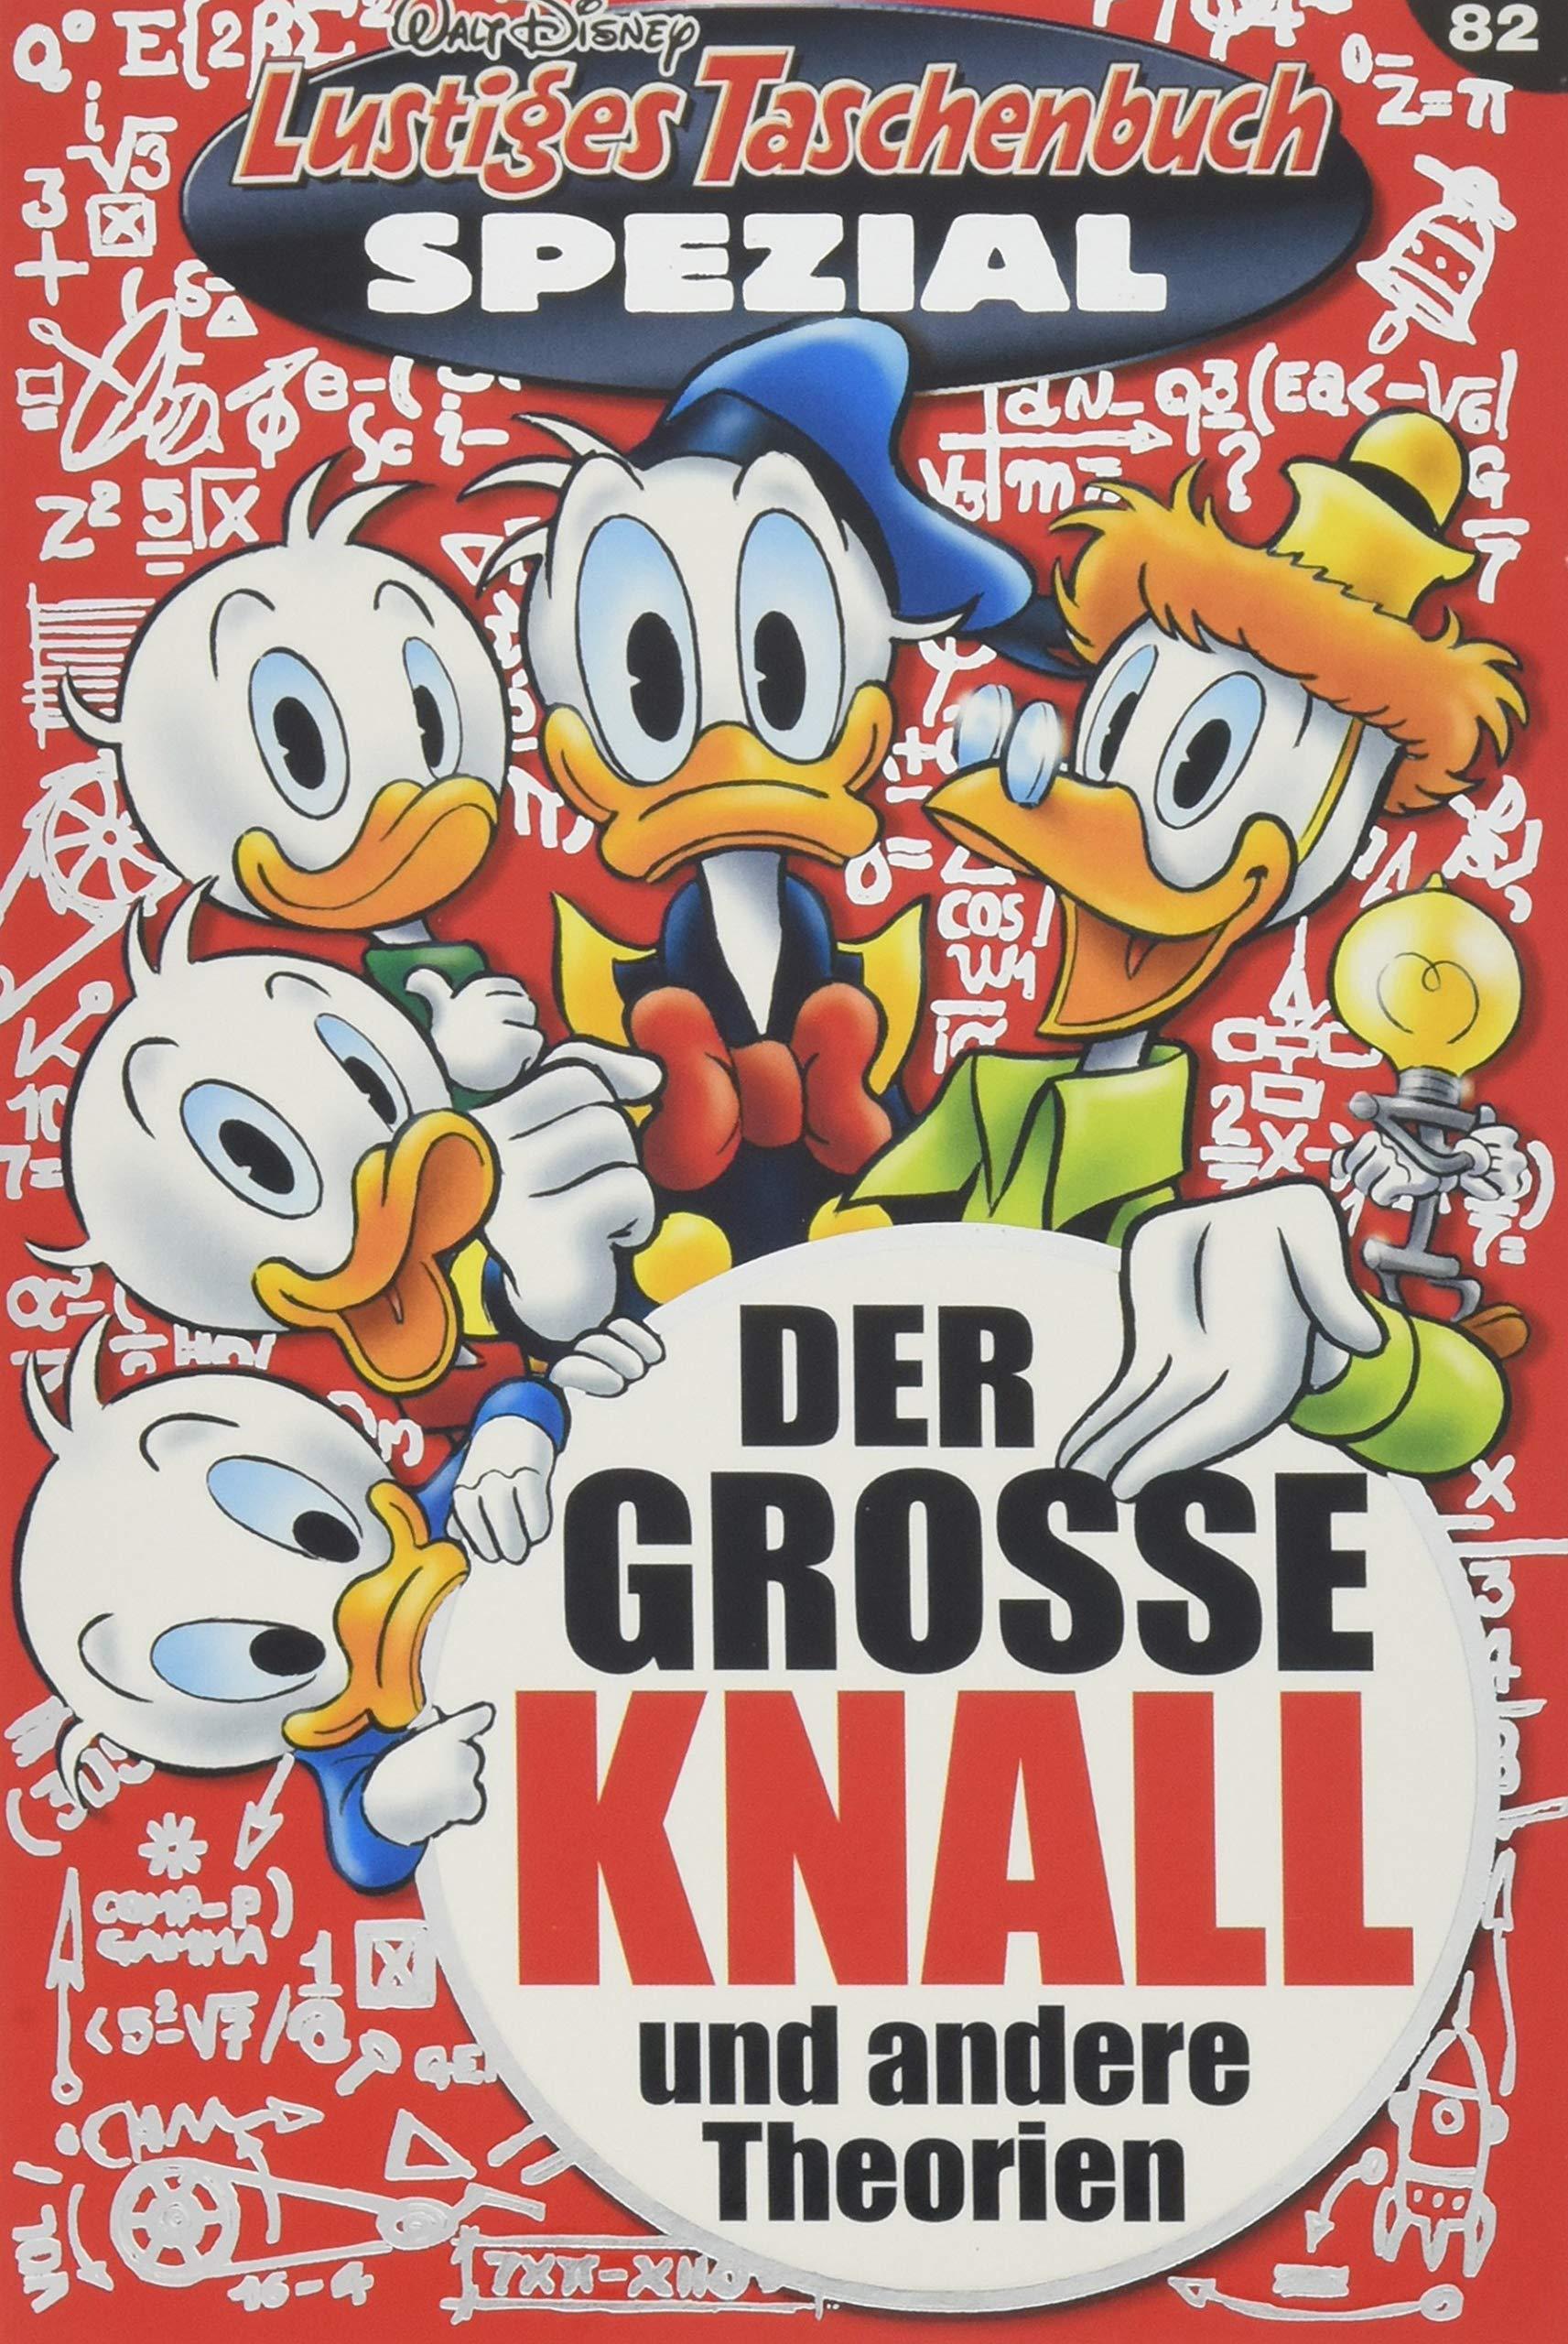 lustiges-taschenbuch-spezial-band-82-der-grosse-knall-und-andere-theorien